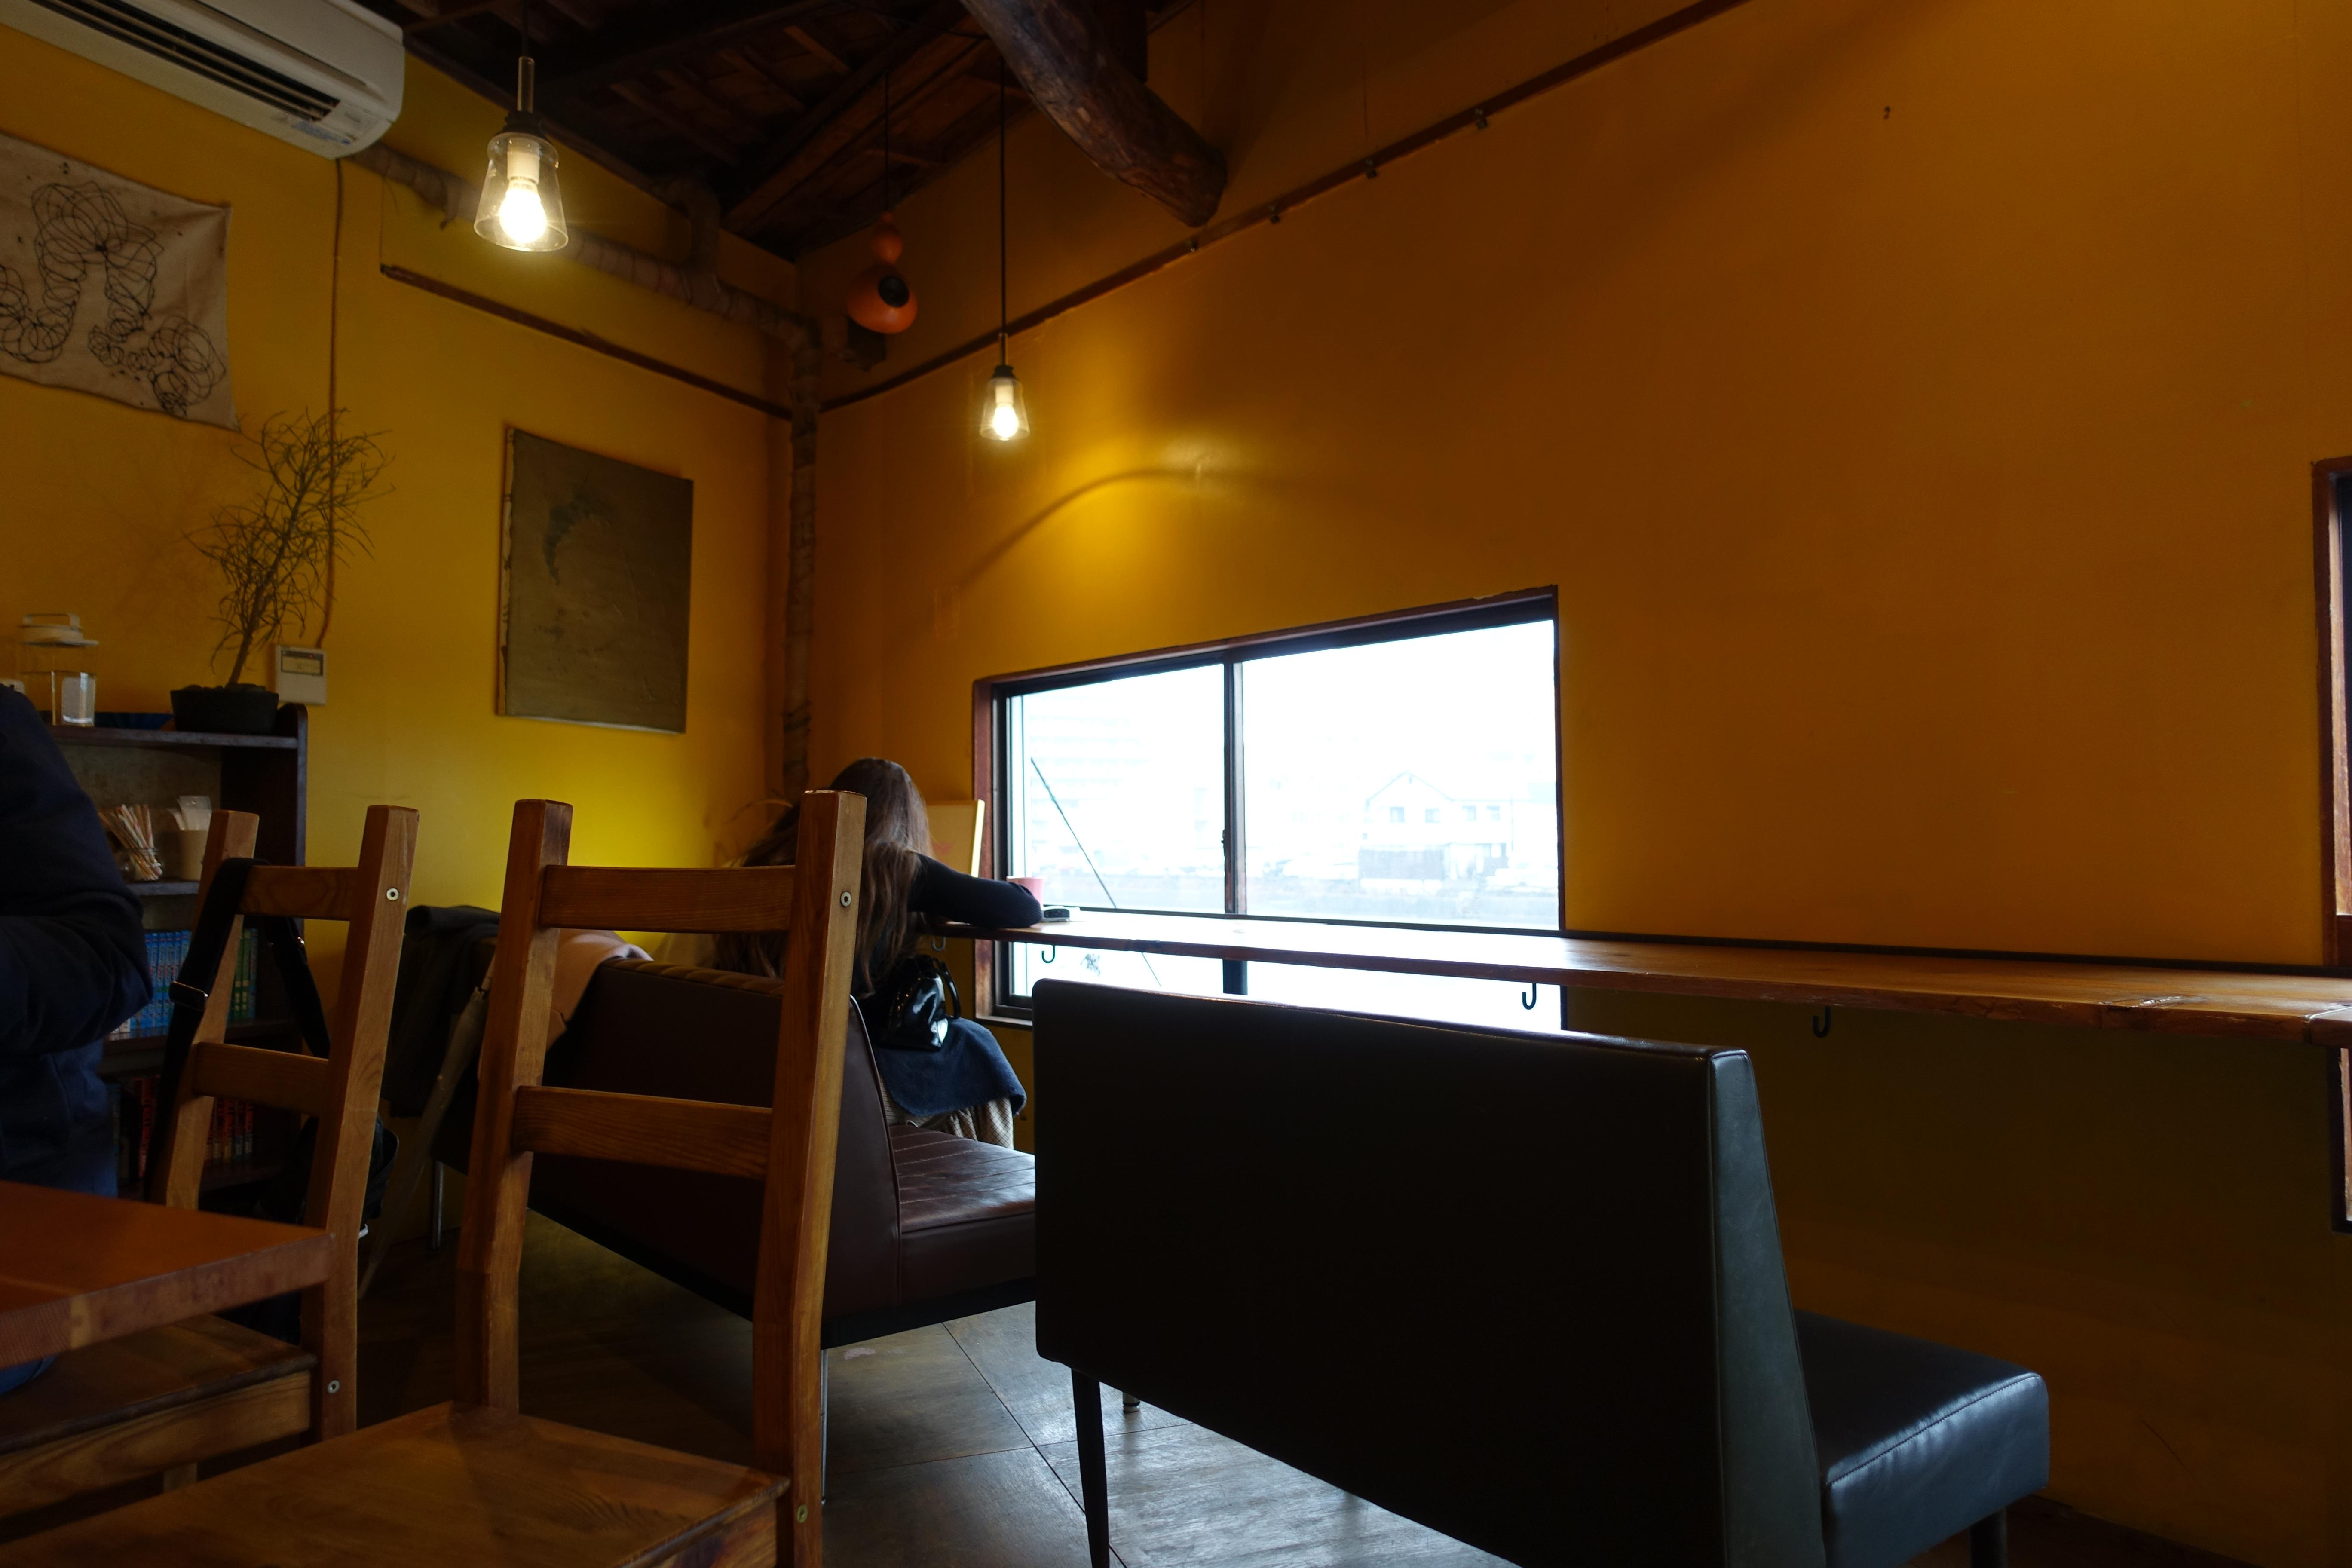 柳橋連合市場・manucoffee(マヌコーヒー)2階の内観